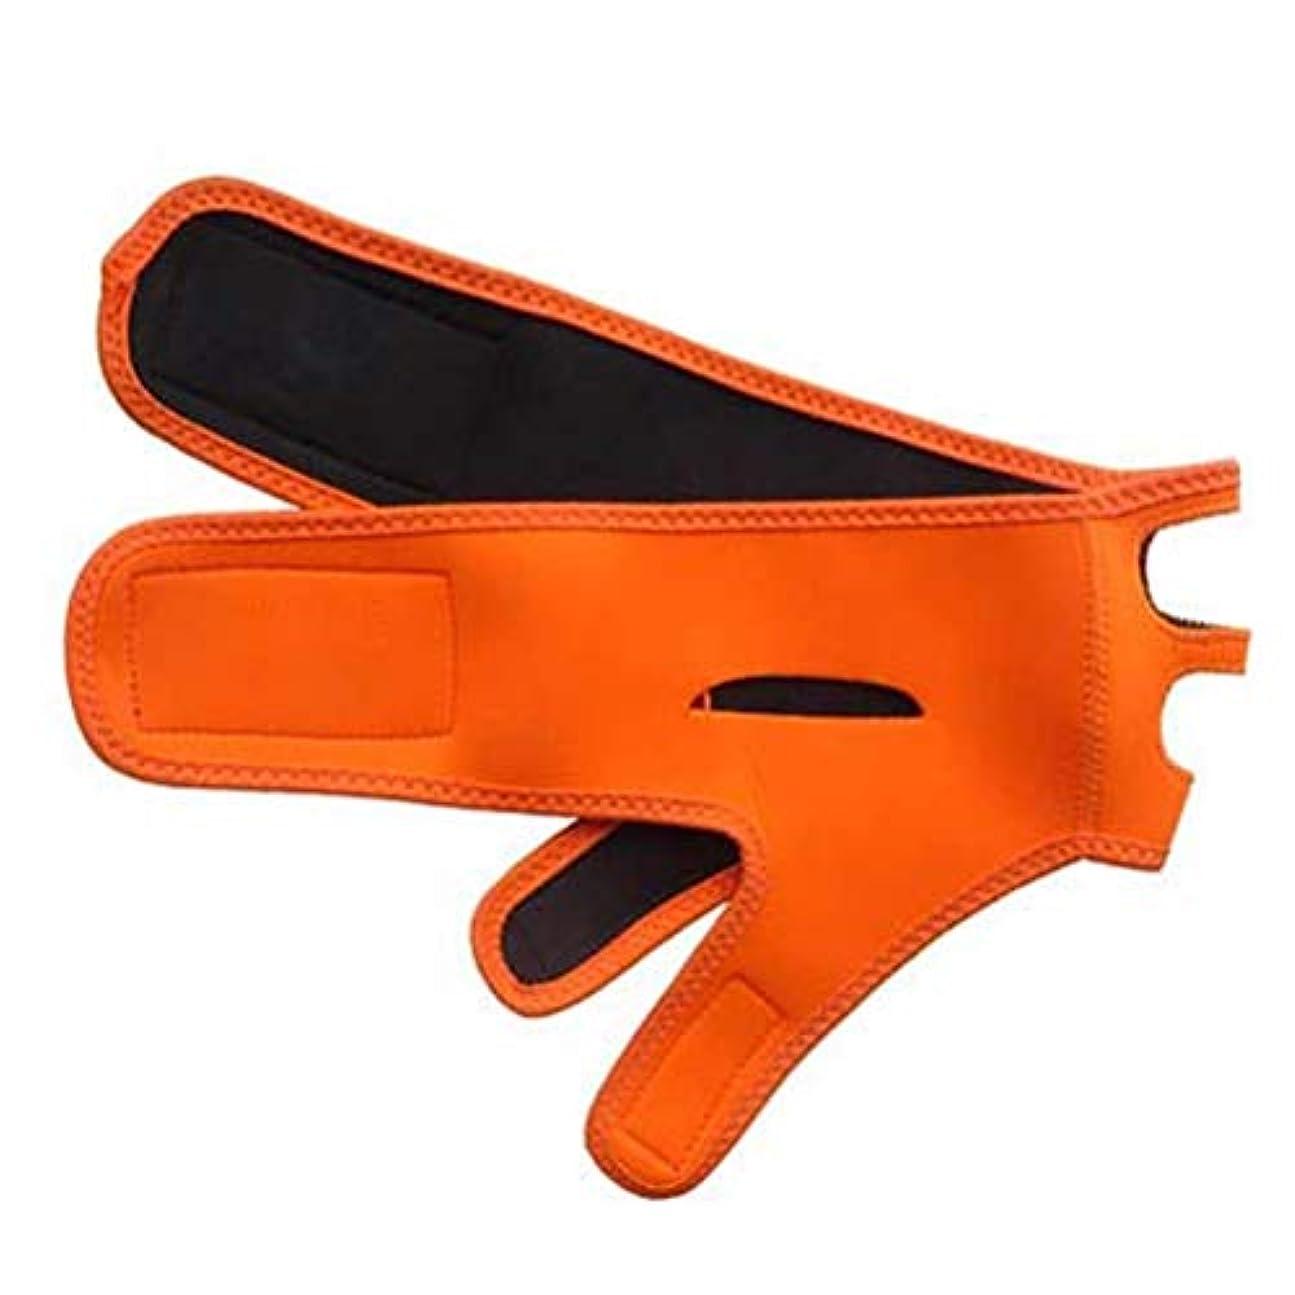 厚くするなかなかカーテンHUYYA フェイスリフティング包帯、V字ベルト補正ベルト フェイスマスクスキンケアチンは、リフティングファーミングストラップダブルチンヘルスケア,Orange_Small